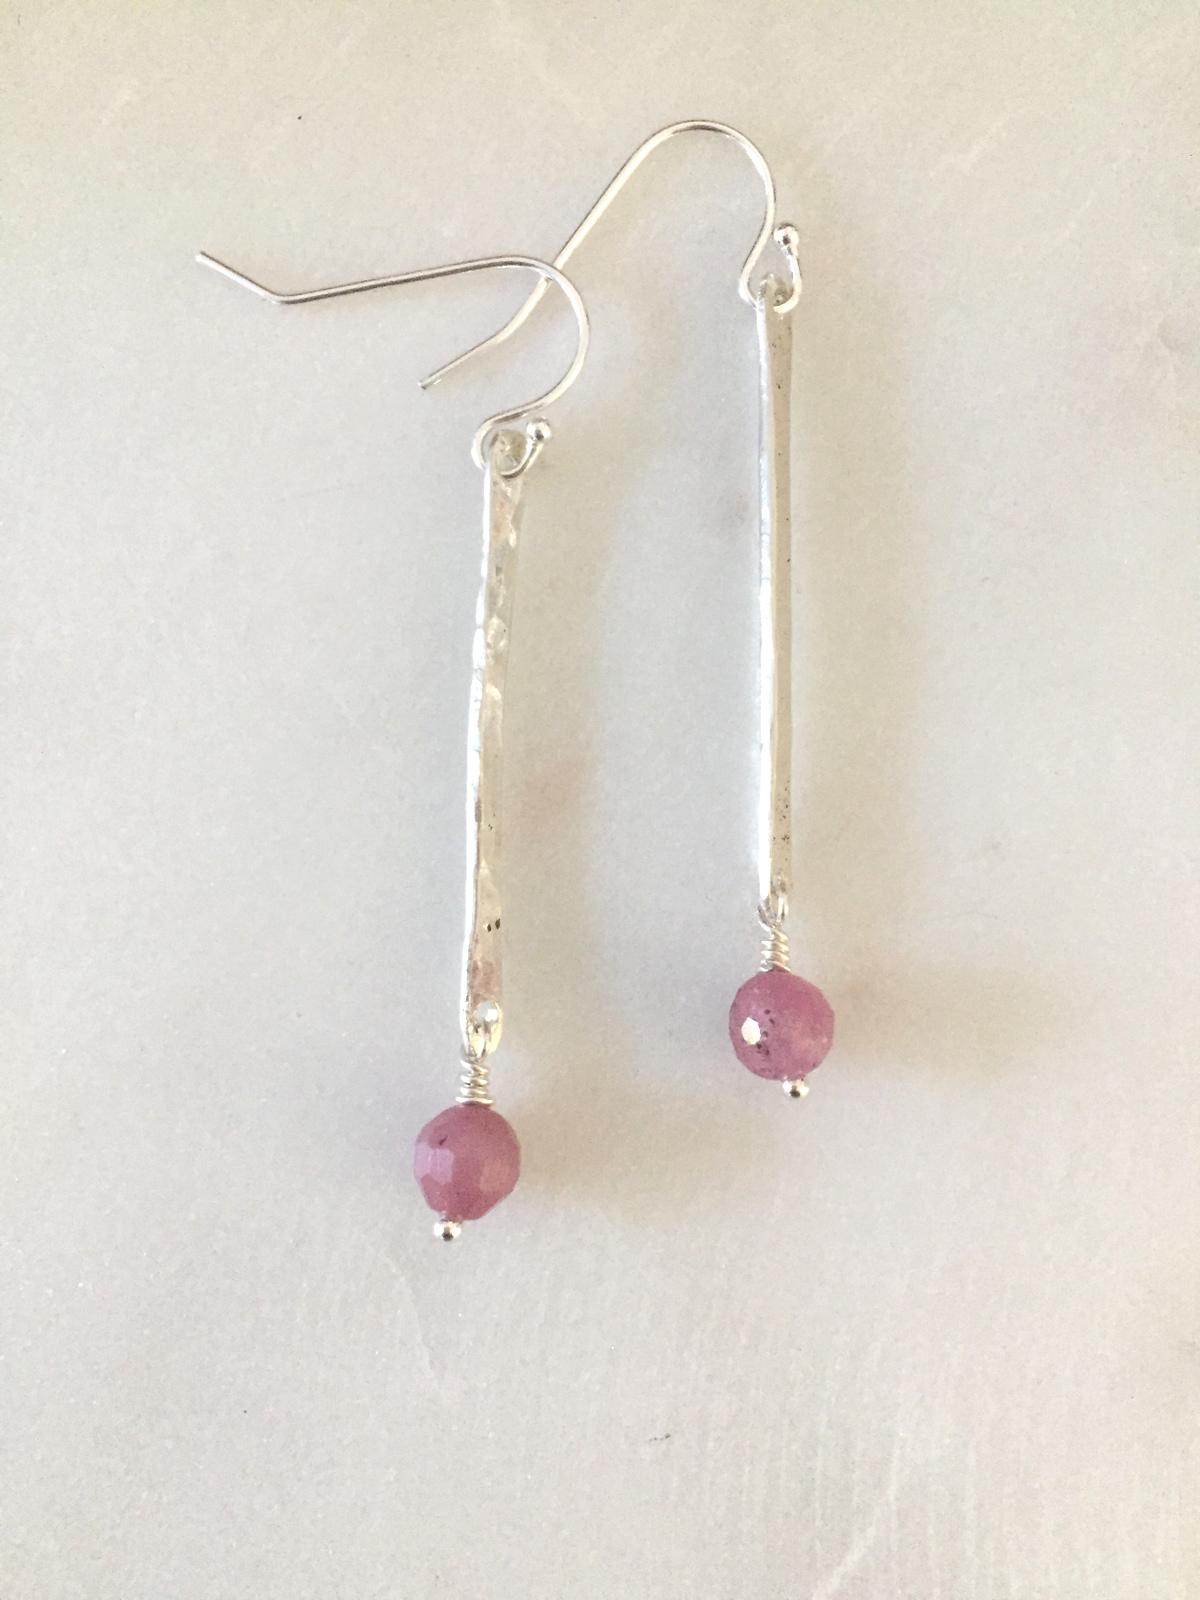 Handmade Silver Stick Earrings Reija Eden Jewelry